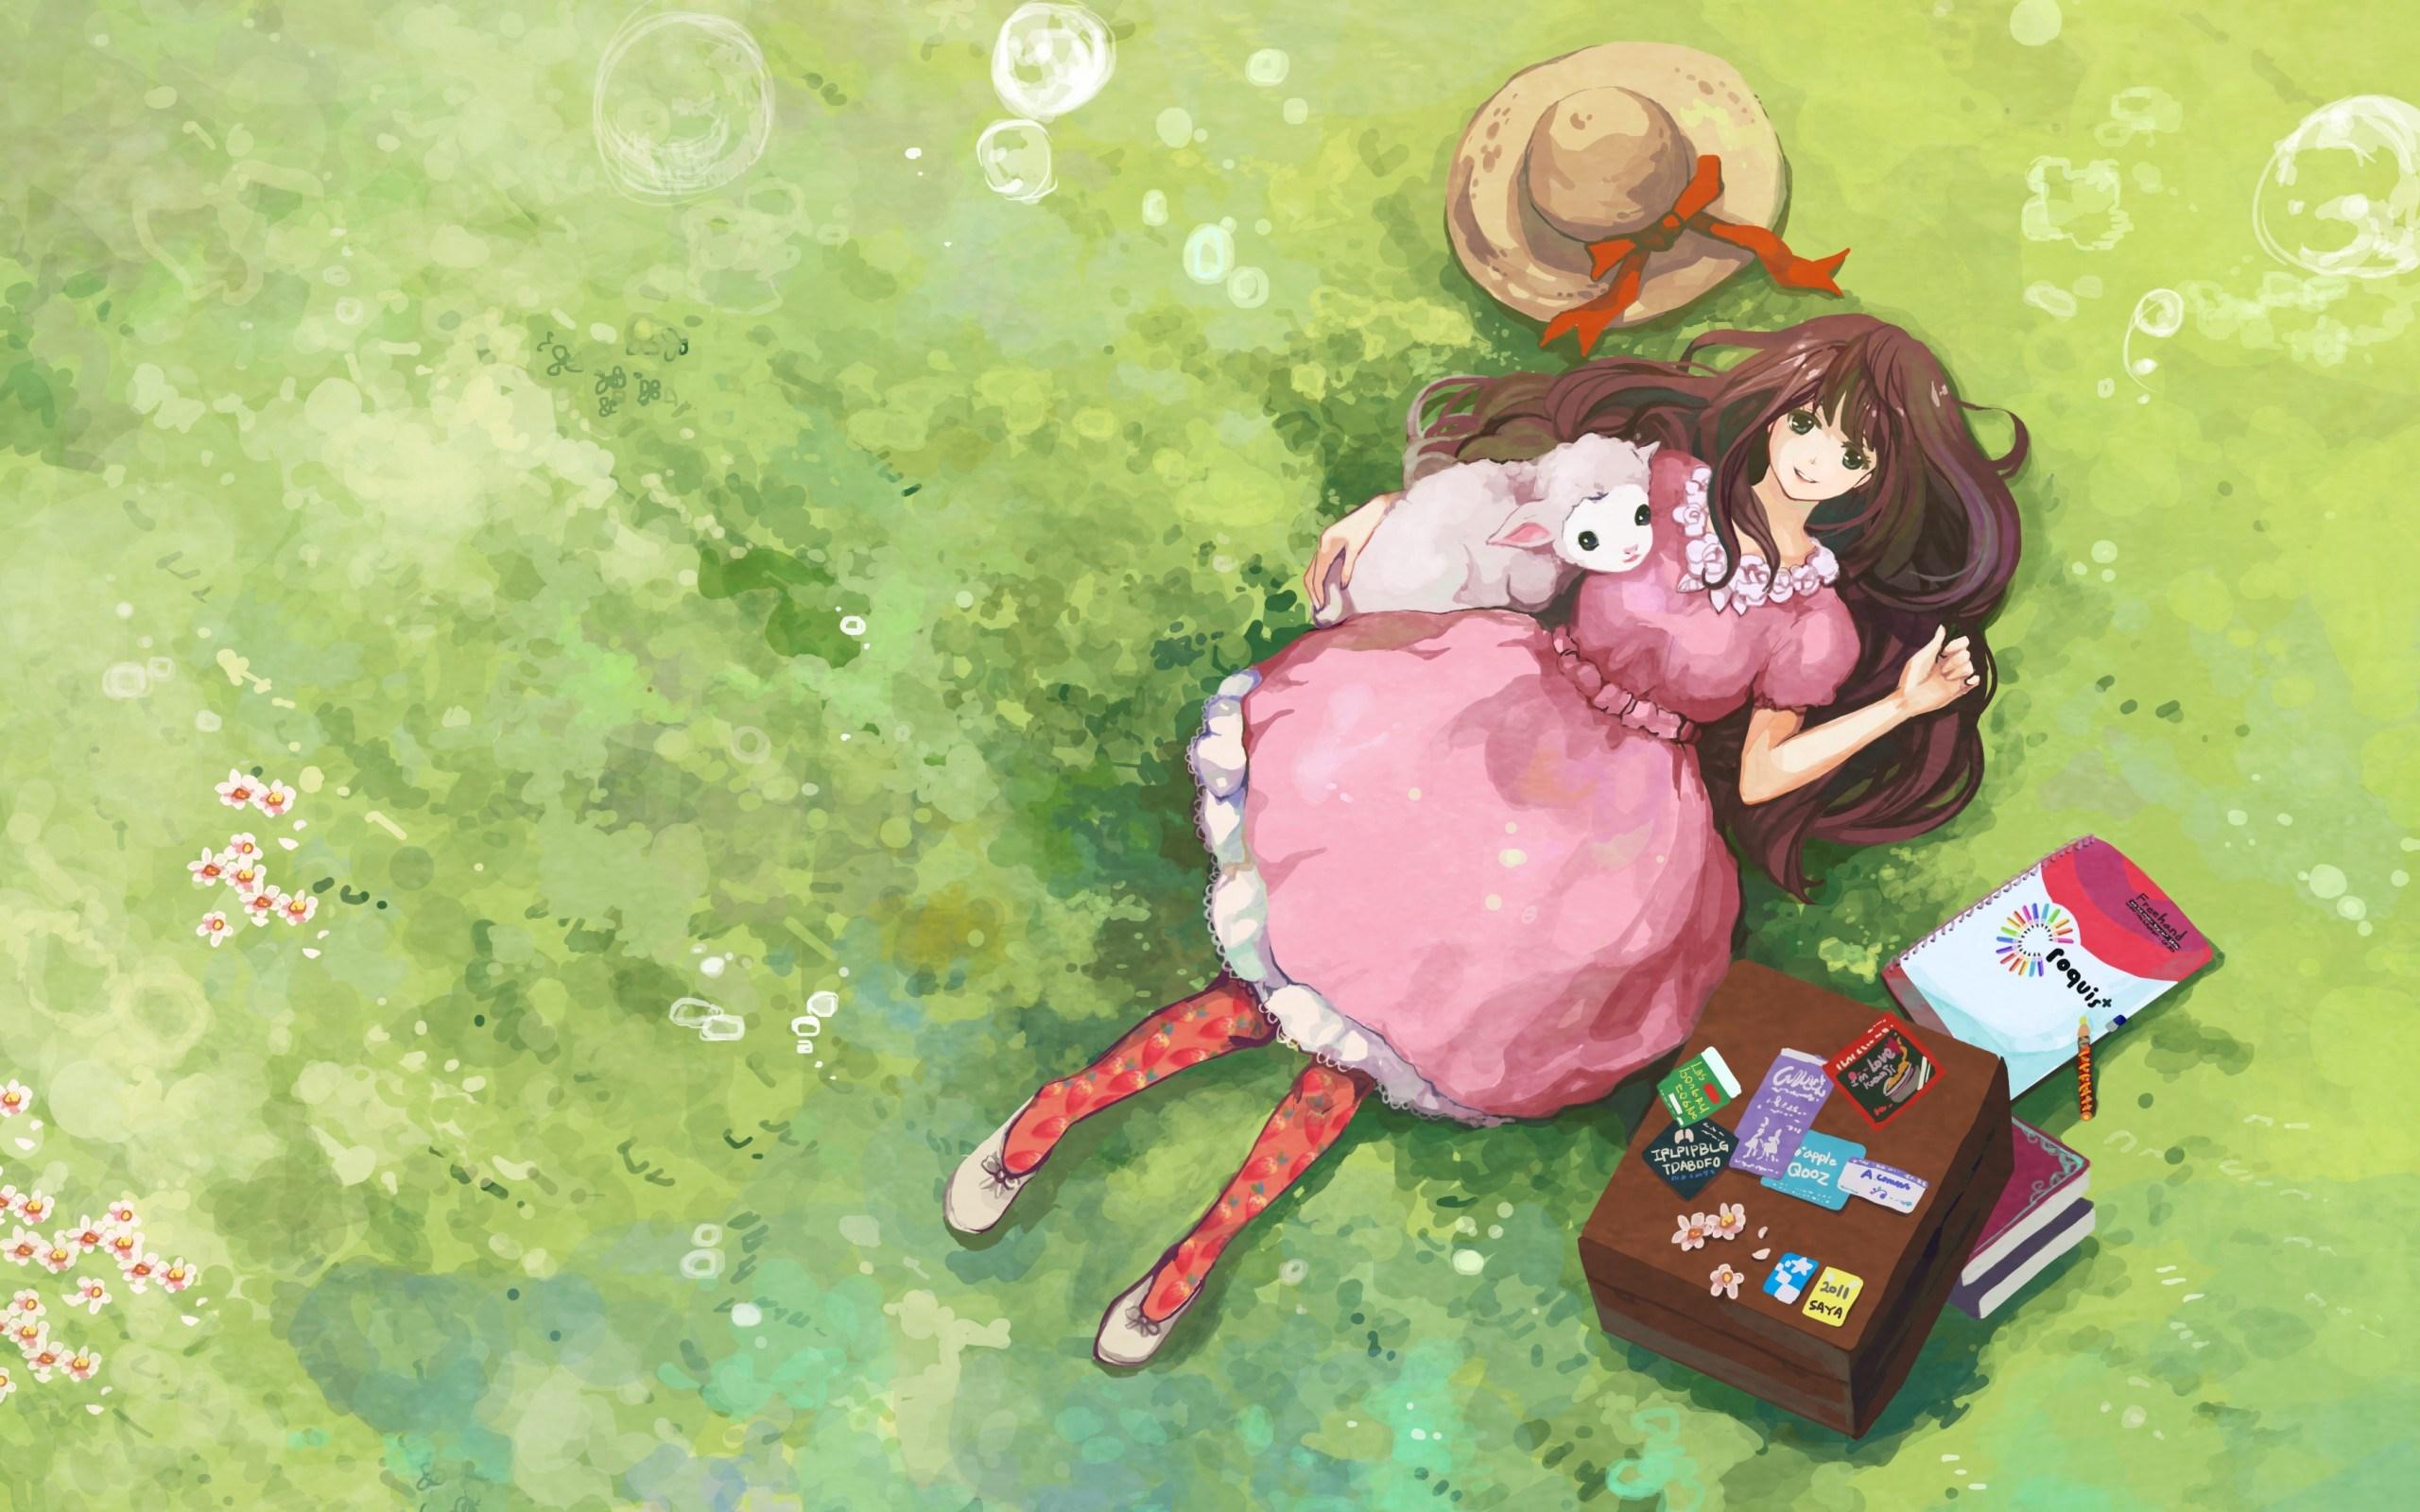 Art Girl Smile Sheep Anime